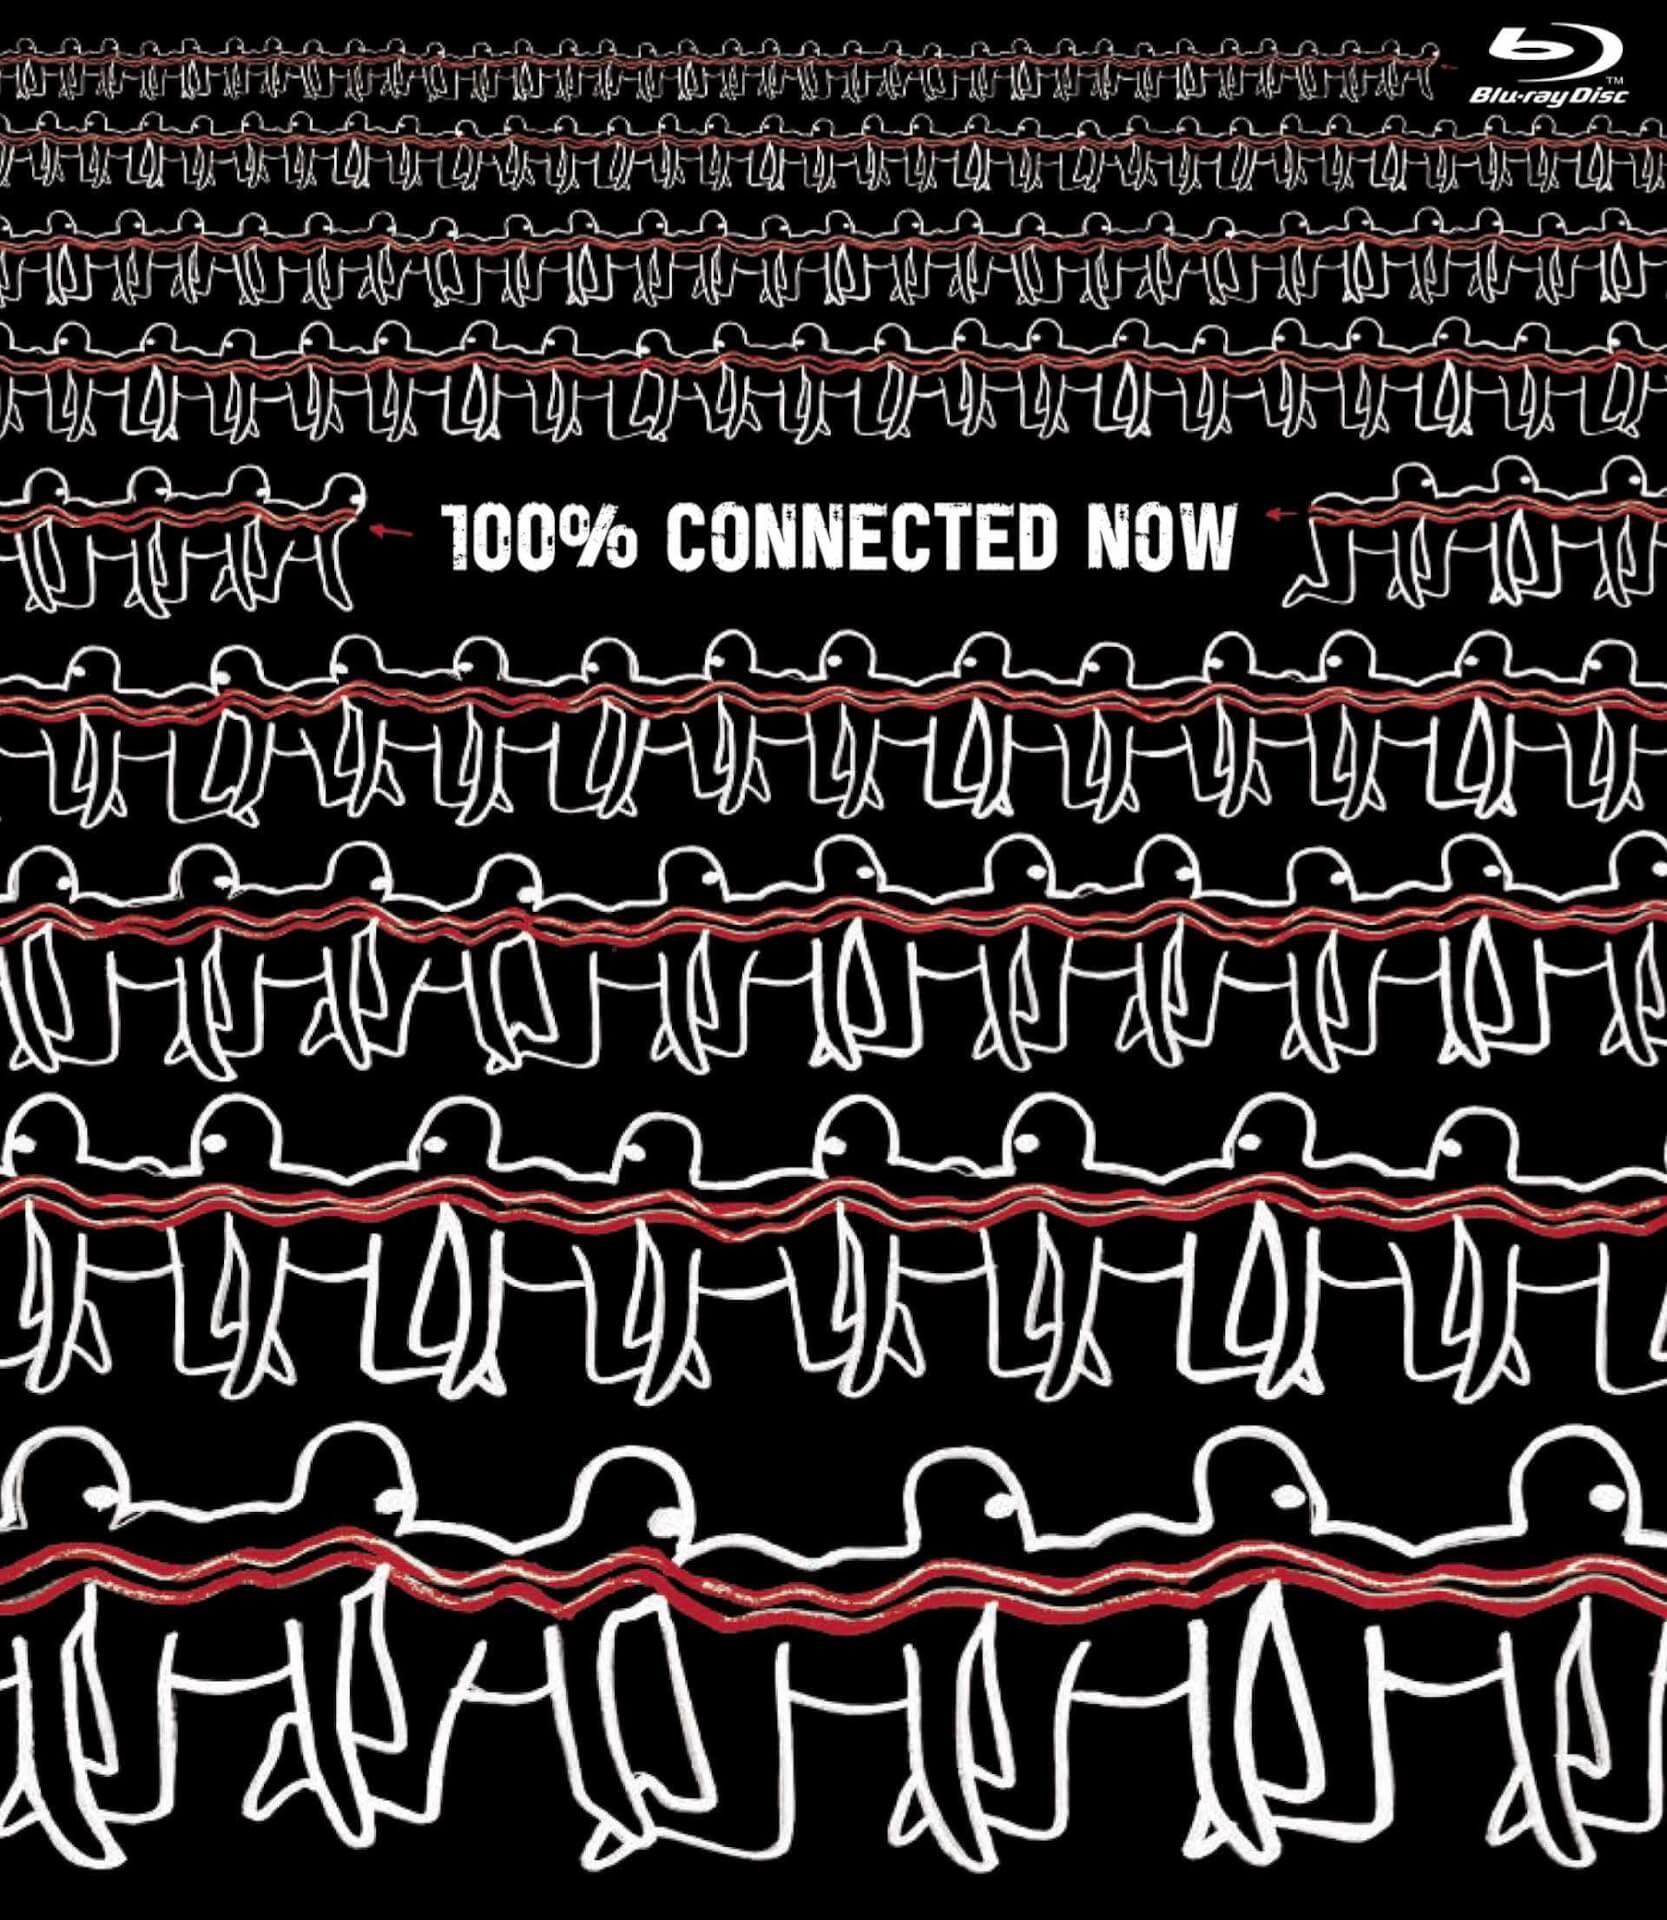 """『ムカデ人間』をみんなで同時再生!?Twitterにて同時再生祭り開催決定&ブルーレイセットが""""つながりやすい新価格""""に film200416_mukadeningen_04"""